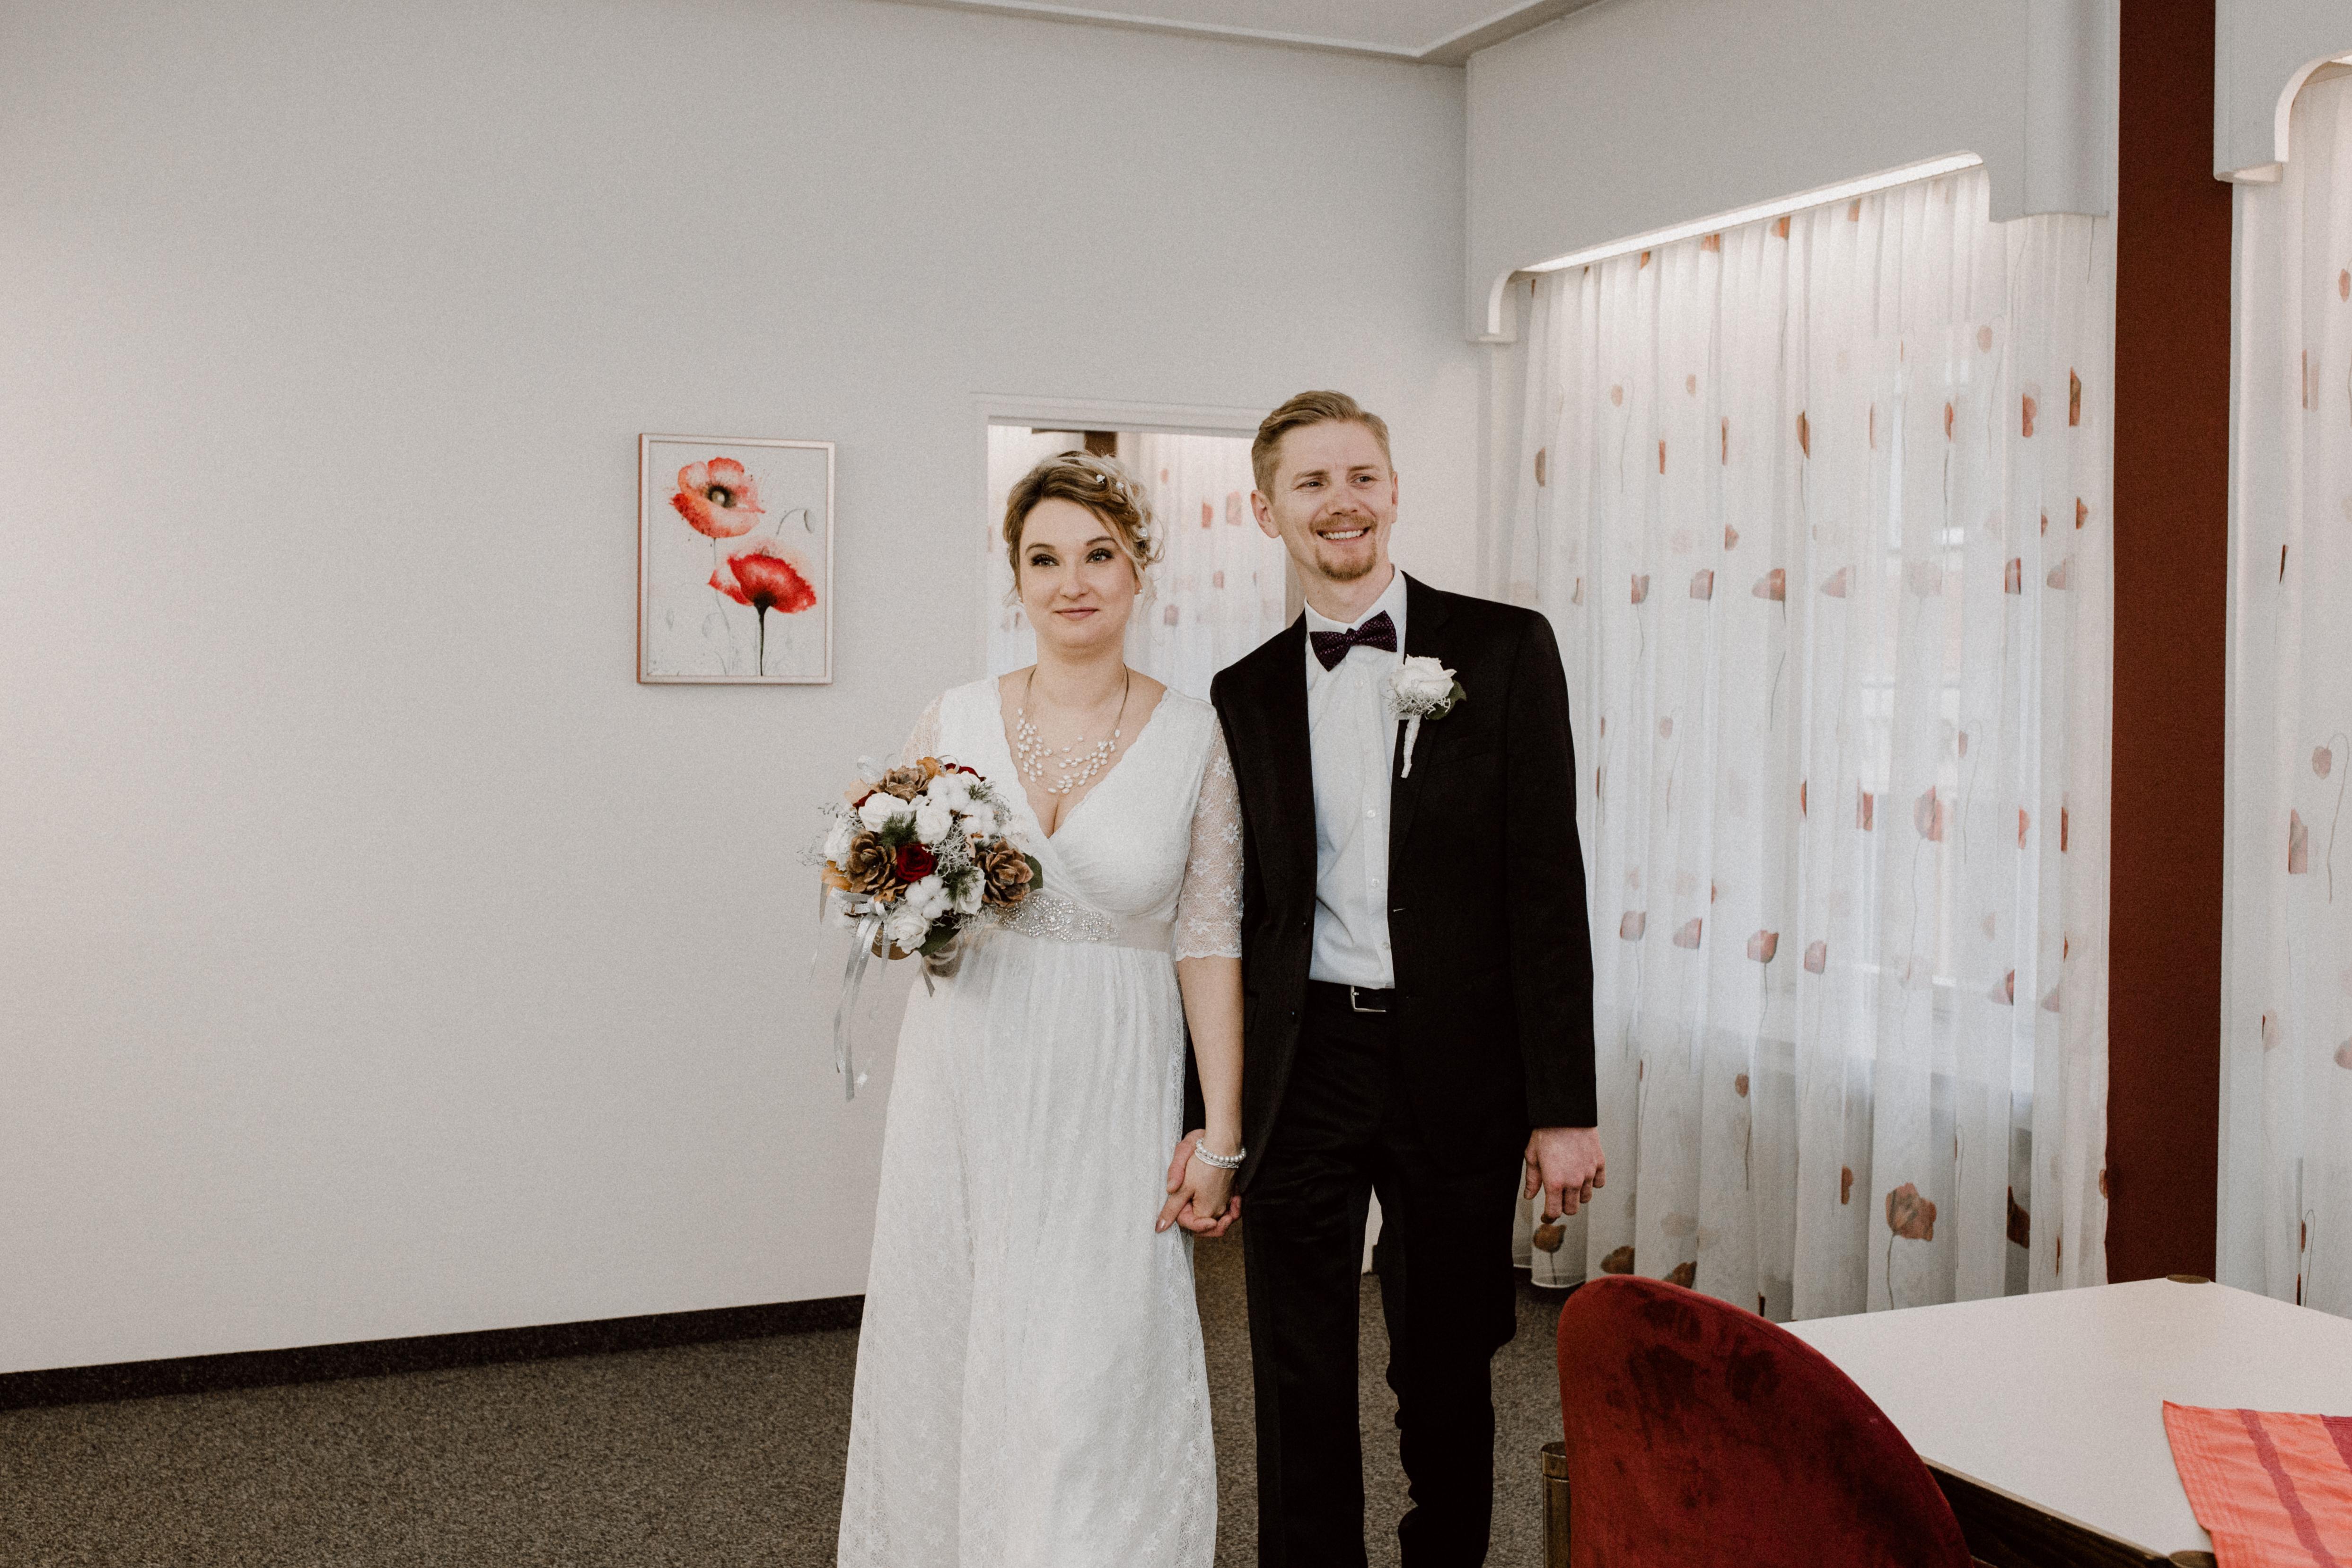 URBANERIE_Daniela_Goth_Hochzeitsfotografin_Nürnberg_Fürth_Erlangen_Schwabach_171110_0243